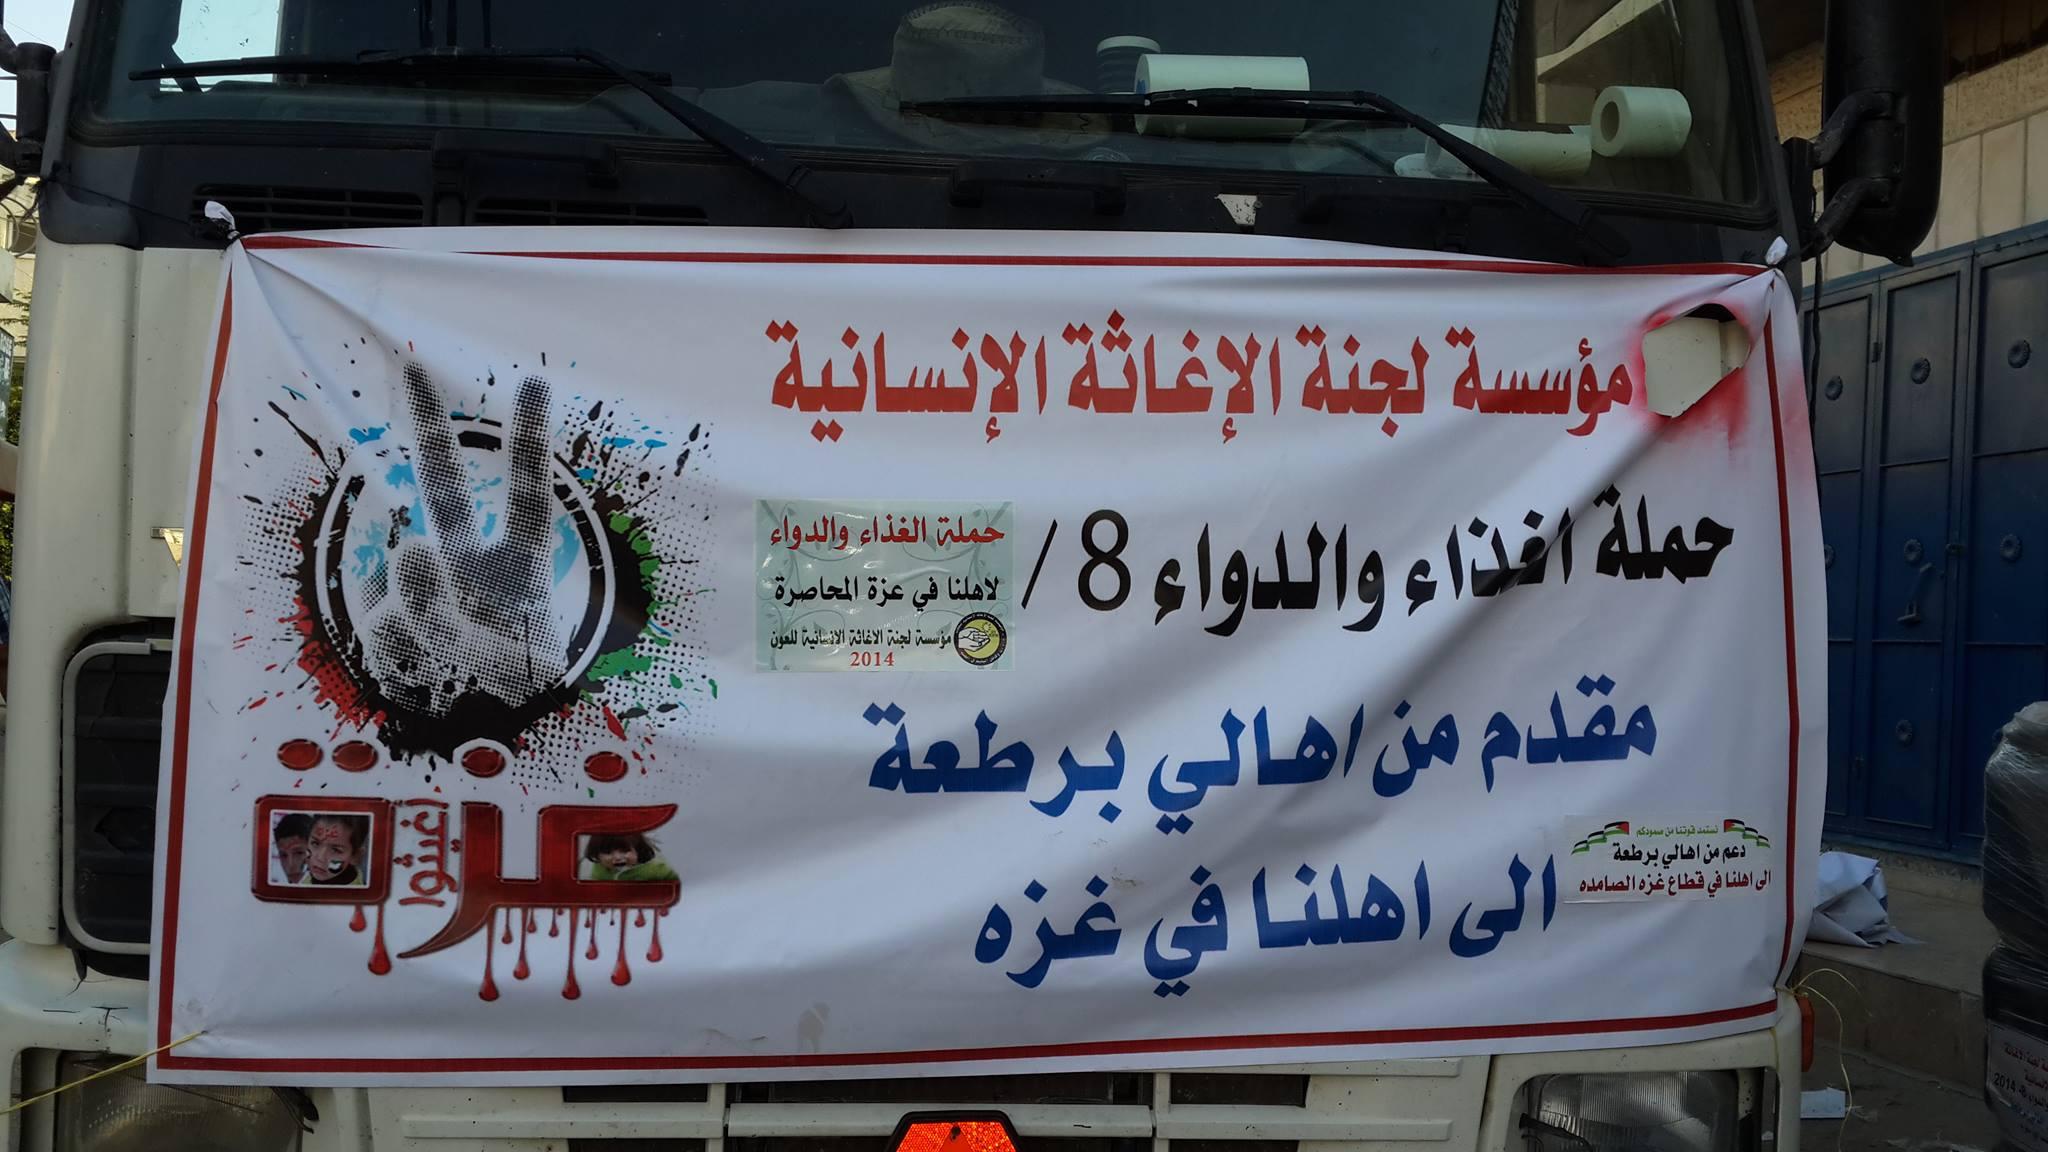 بالصور البدء في تسيير المساعدات لأهلنا في غزة .